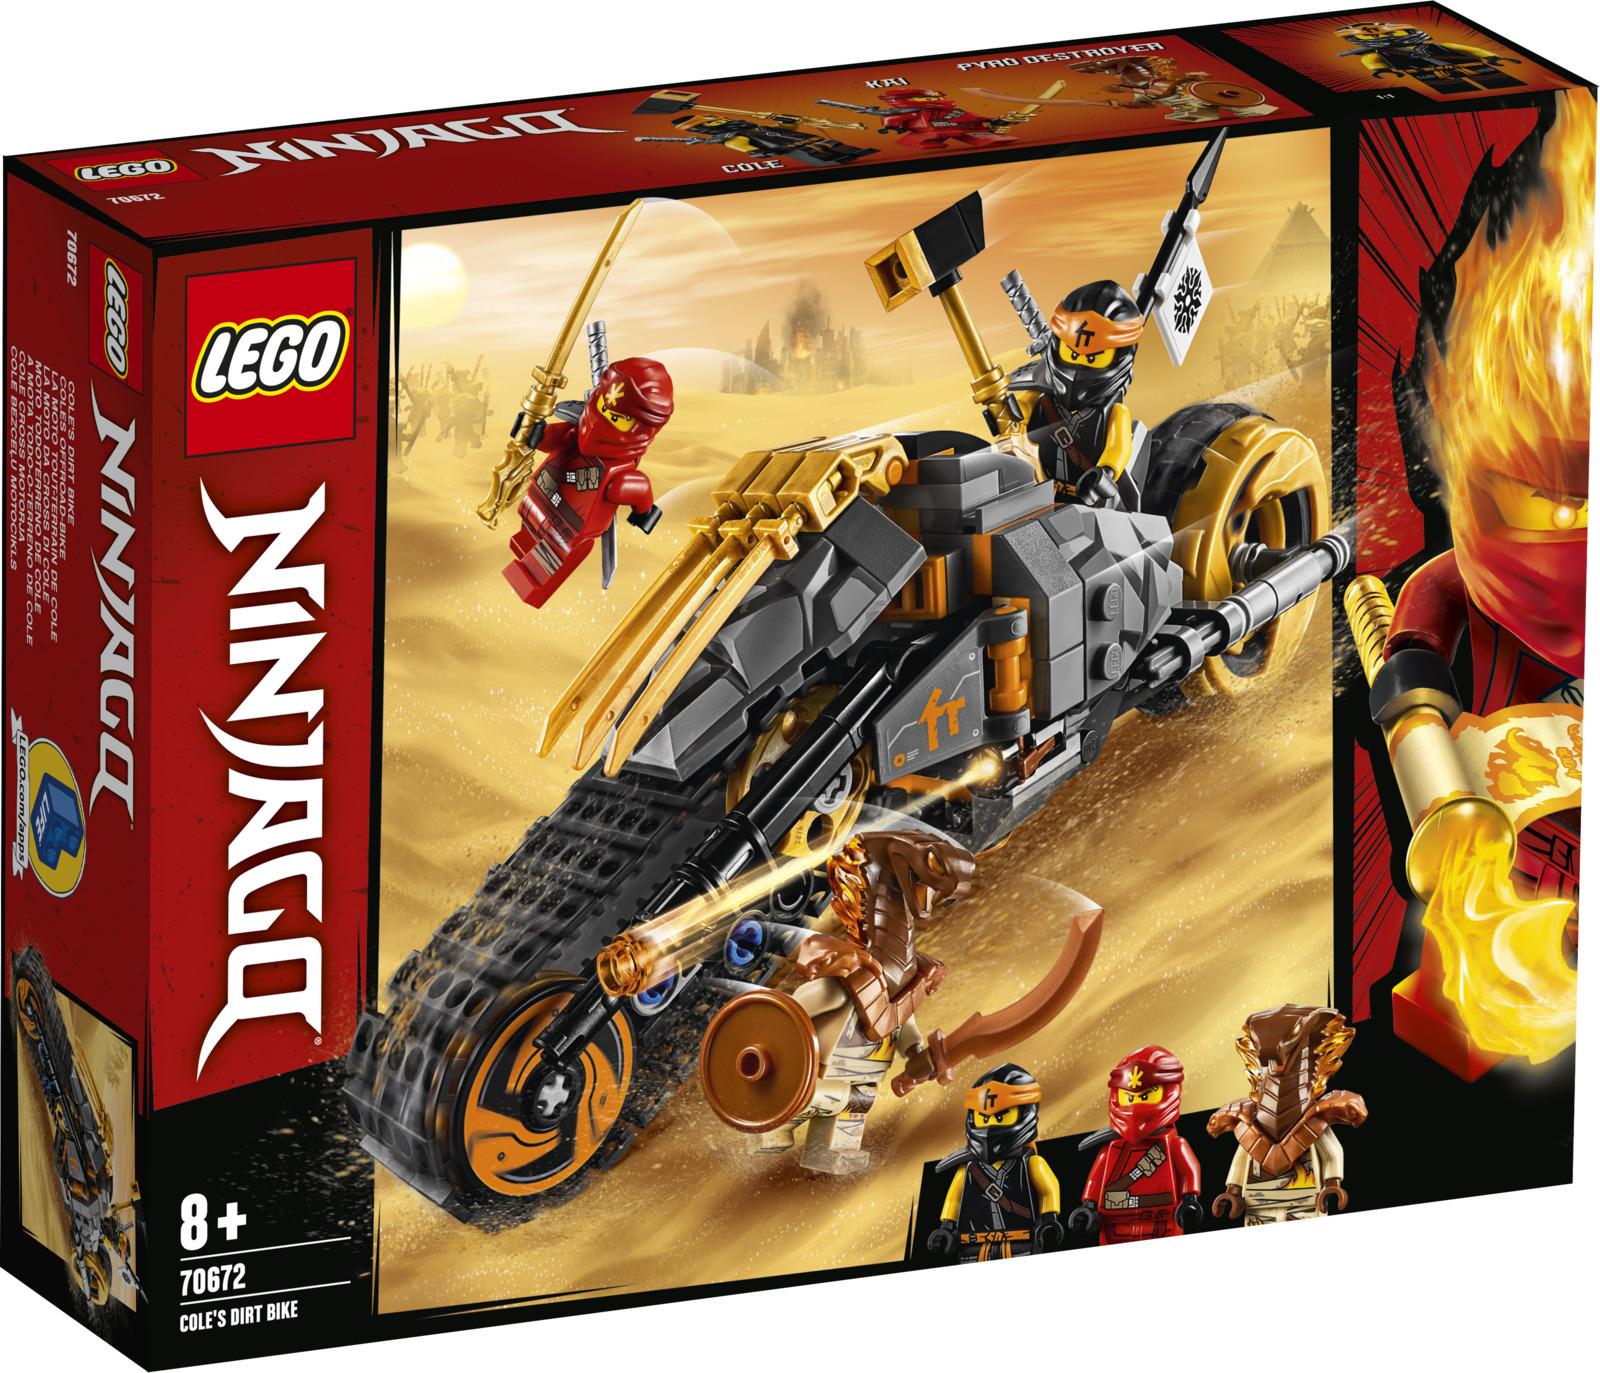 LEGO Ninjago 70672 Раллийный мотоцикл Коула Конструктор